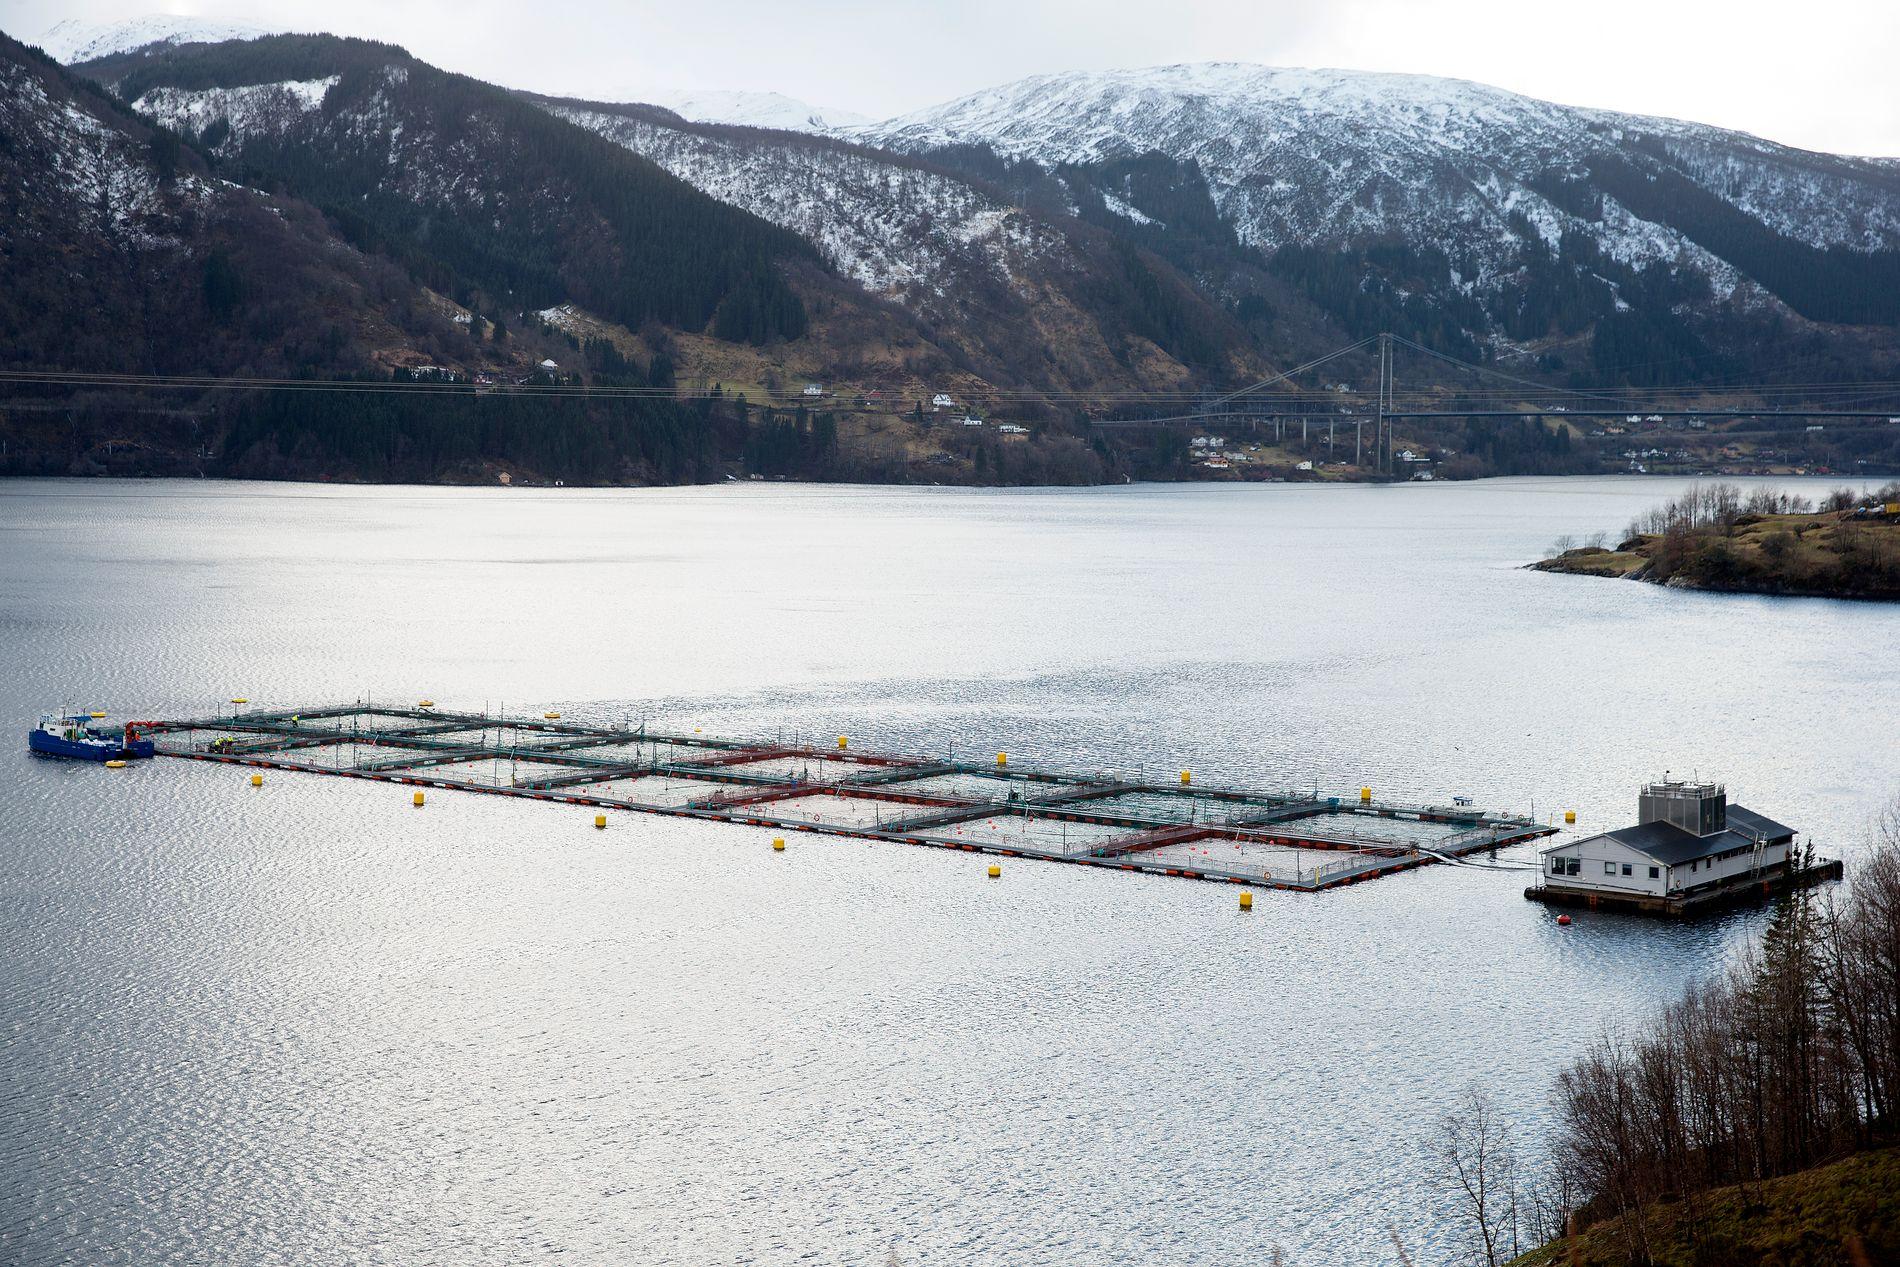 LEVEDYKTIG: De neste årene vil inneholde mange milepæler for norsk havbruksnæring. Det vil vi kunne se resultater av i sterkere, mer levedyktige og høstbare villfiskstammer som igjen kan gi liv i elvedalene våre, skriver innsenderne.